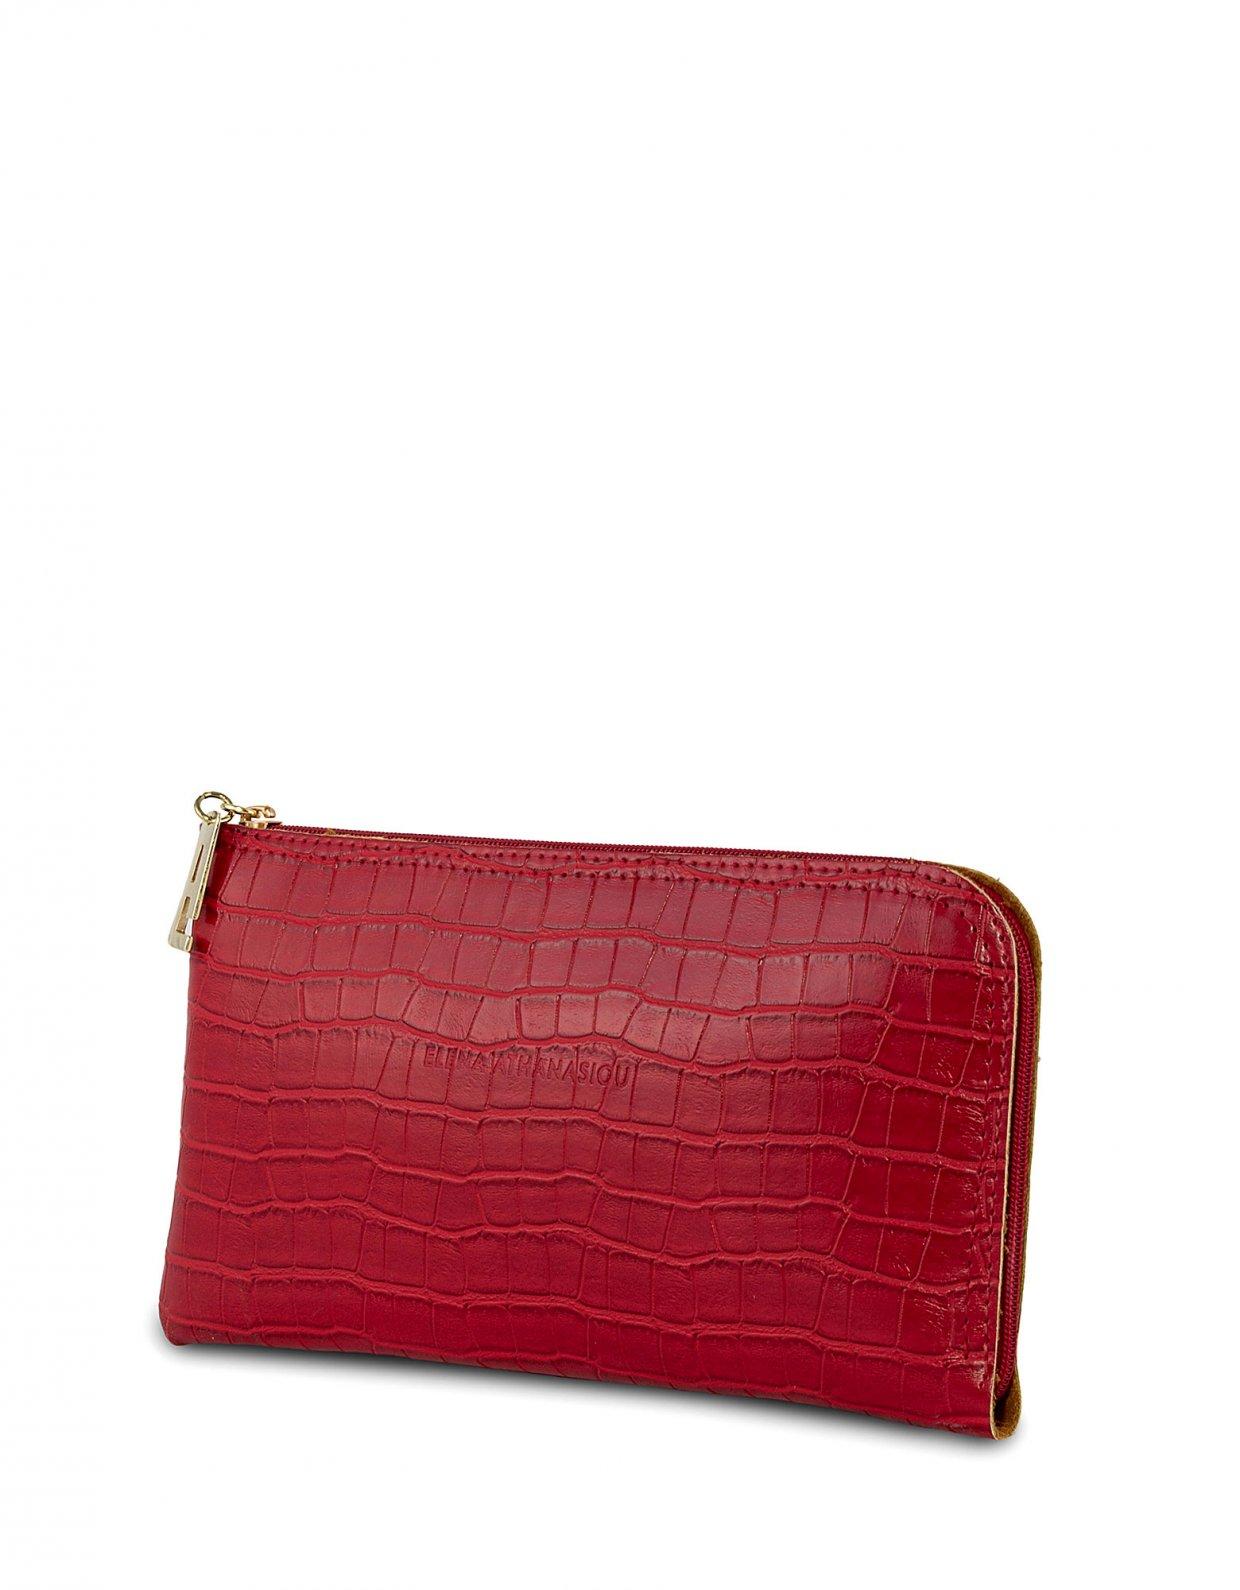 Elena Athanasiou Clutch bag red croco